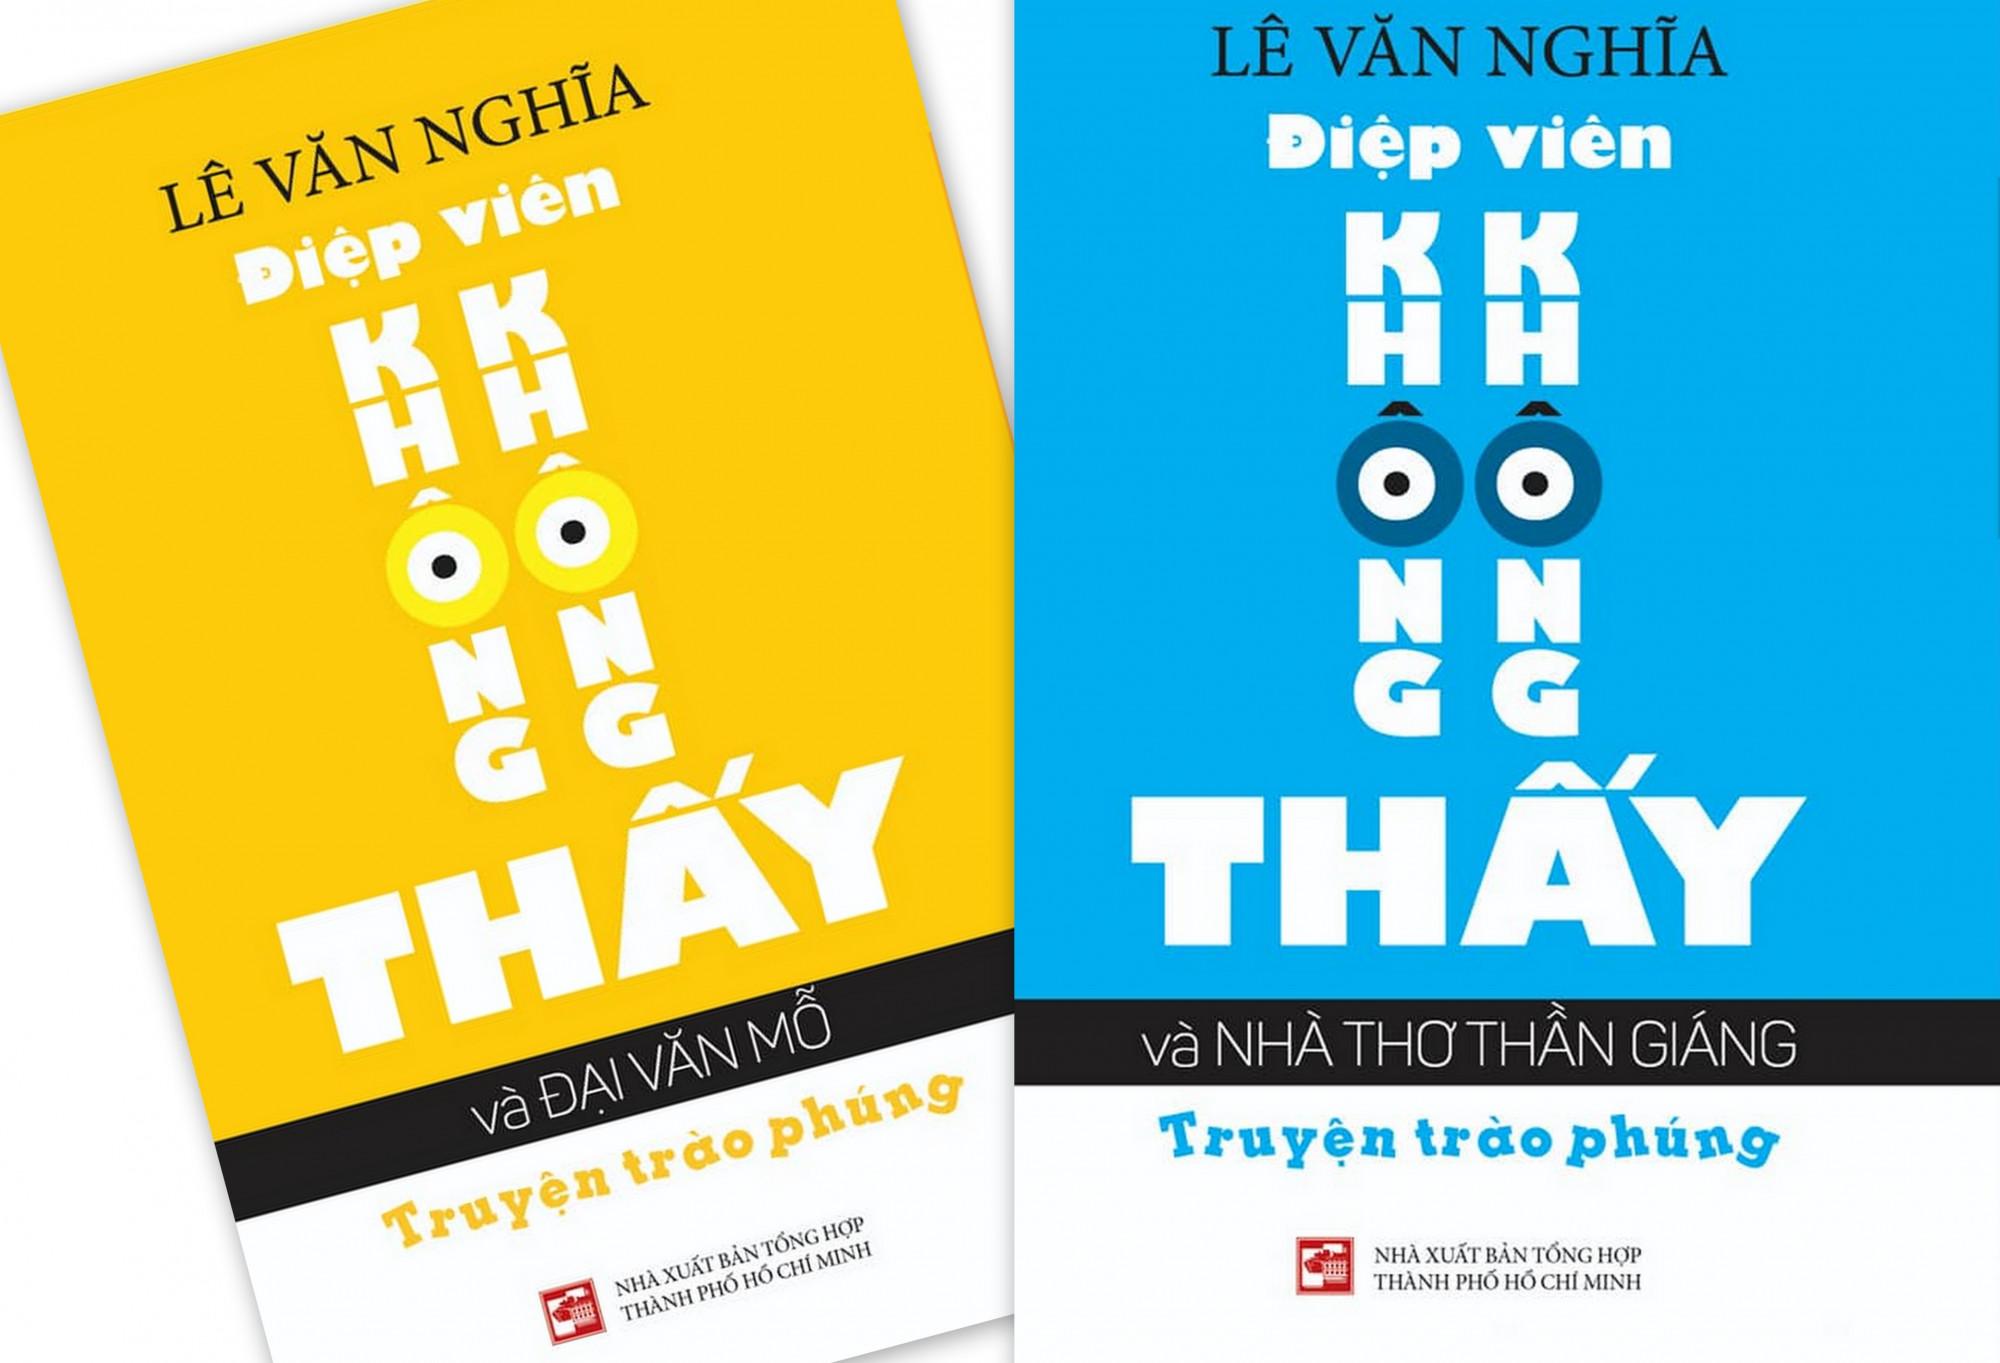 Hai cuốn sách mới đang trong nhà in của nhà văn Lê Văn Nghĩa